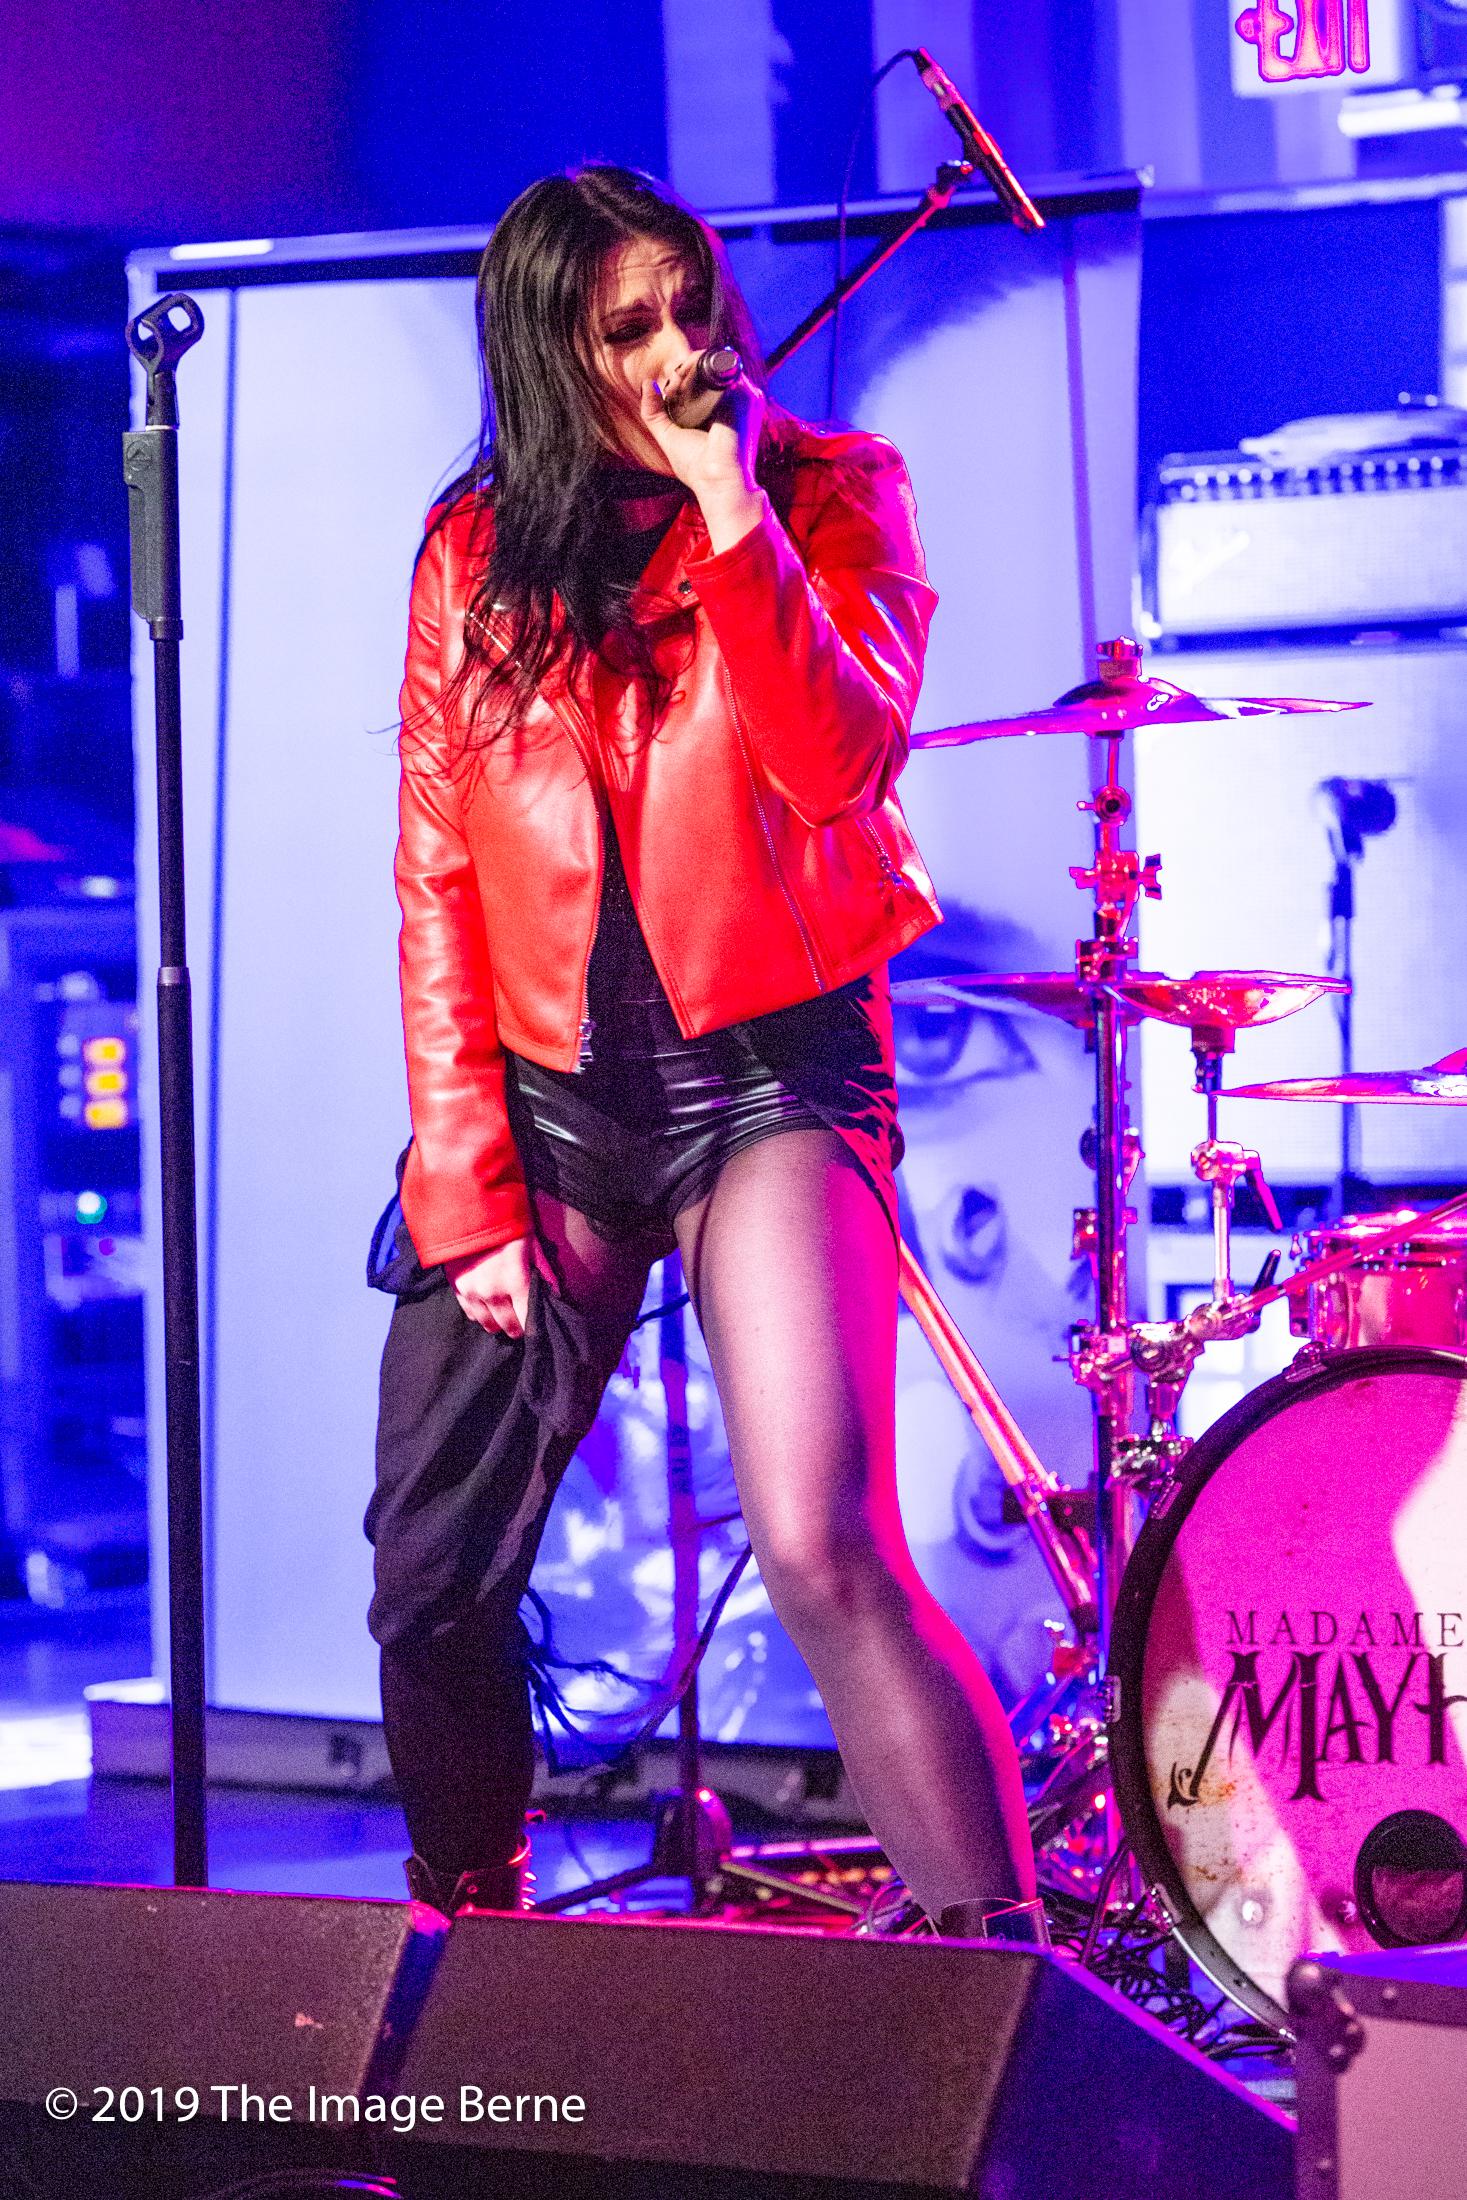 Madame Mayhem-011.jpg